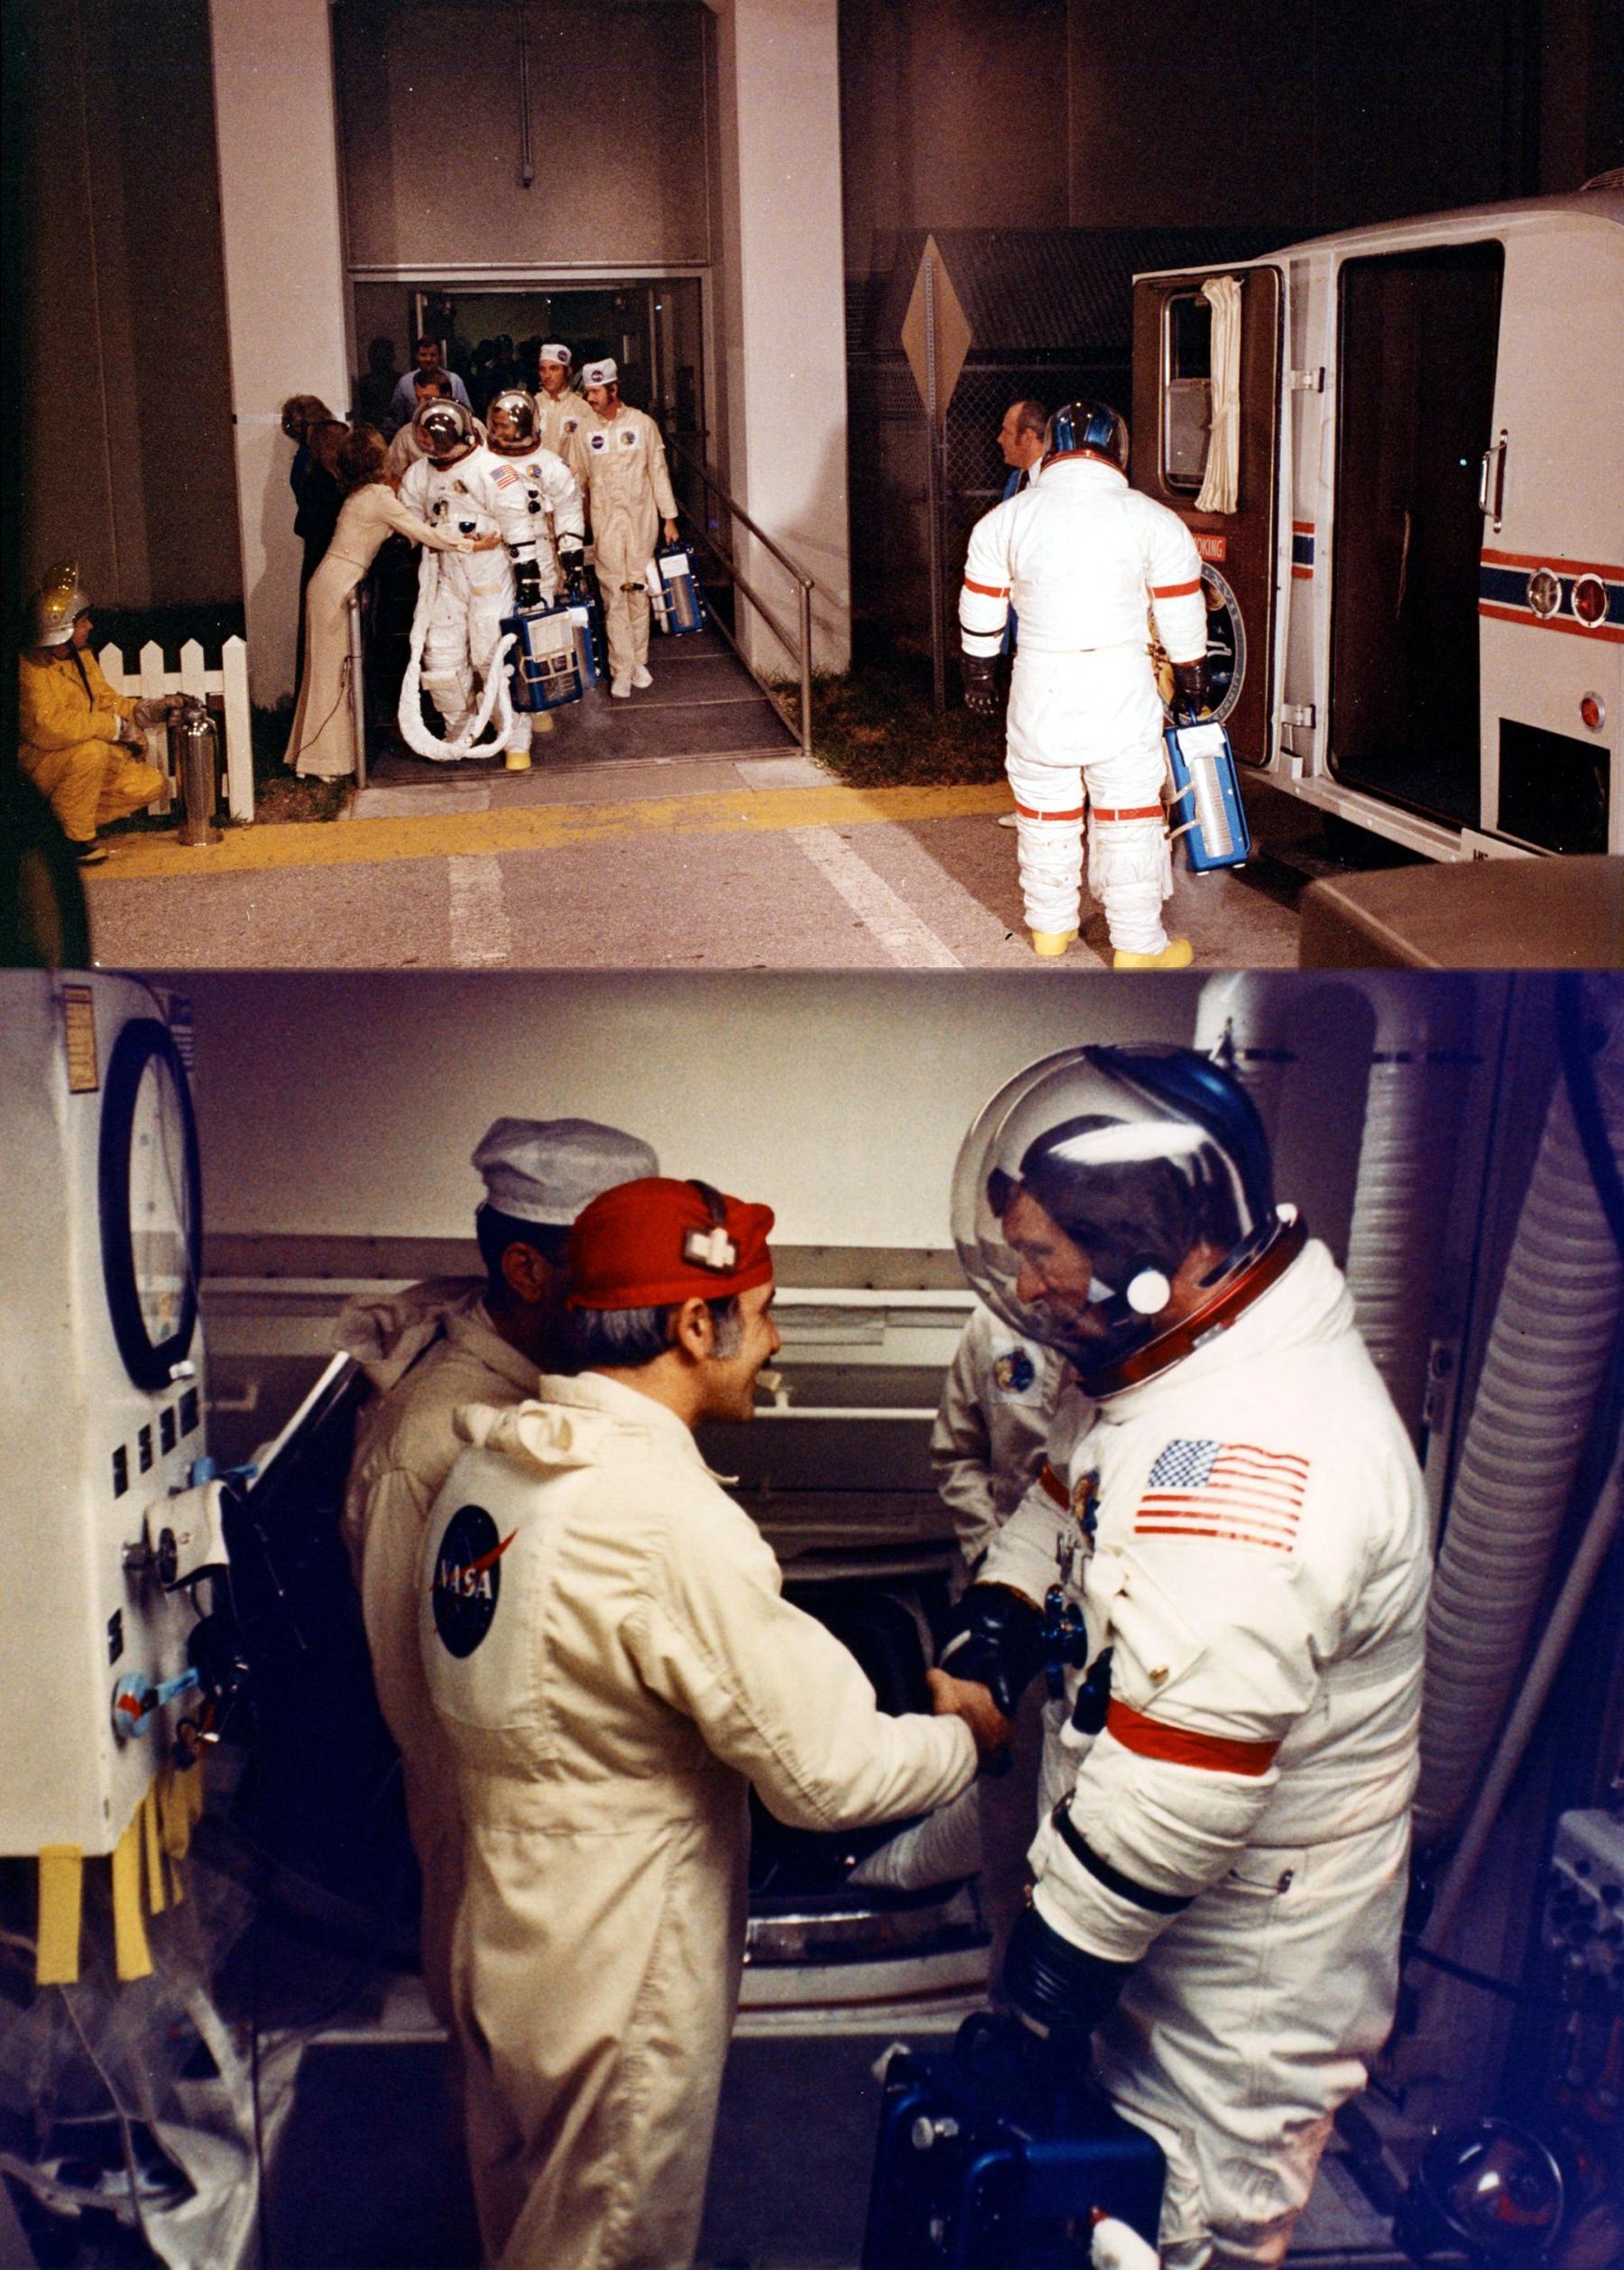 Posádka Apolla 17 ve složení Eugene Cernan (velitel), Ron Evans (pilot velitelského modulu) a Harrison Schmitt (pilot lunárního modulu) jde 6. 12. 1972 na start; tomu přihlíželo zhruba půl milionu lidí. Byl to první noční start Apolla a poslední let pilotovaného Saturnu 5; start byl v T-30 s odložen (nakonec o 2 a půl hodiny) v důsledku chyby na odpočítávacím sekvenceru